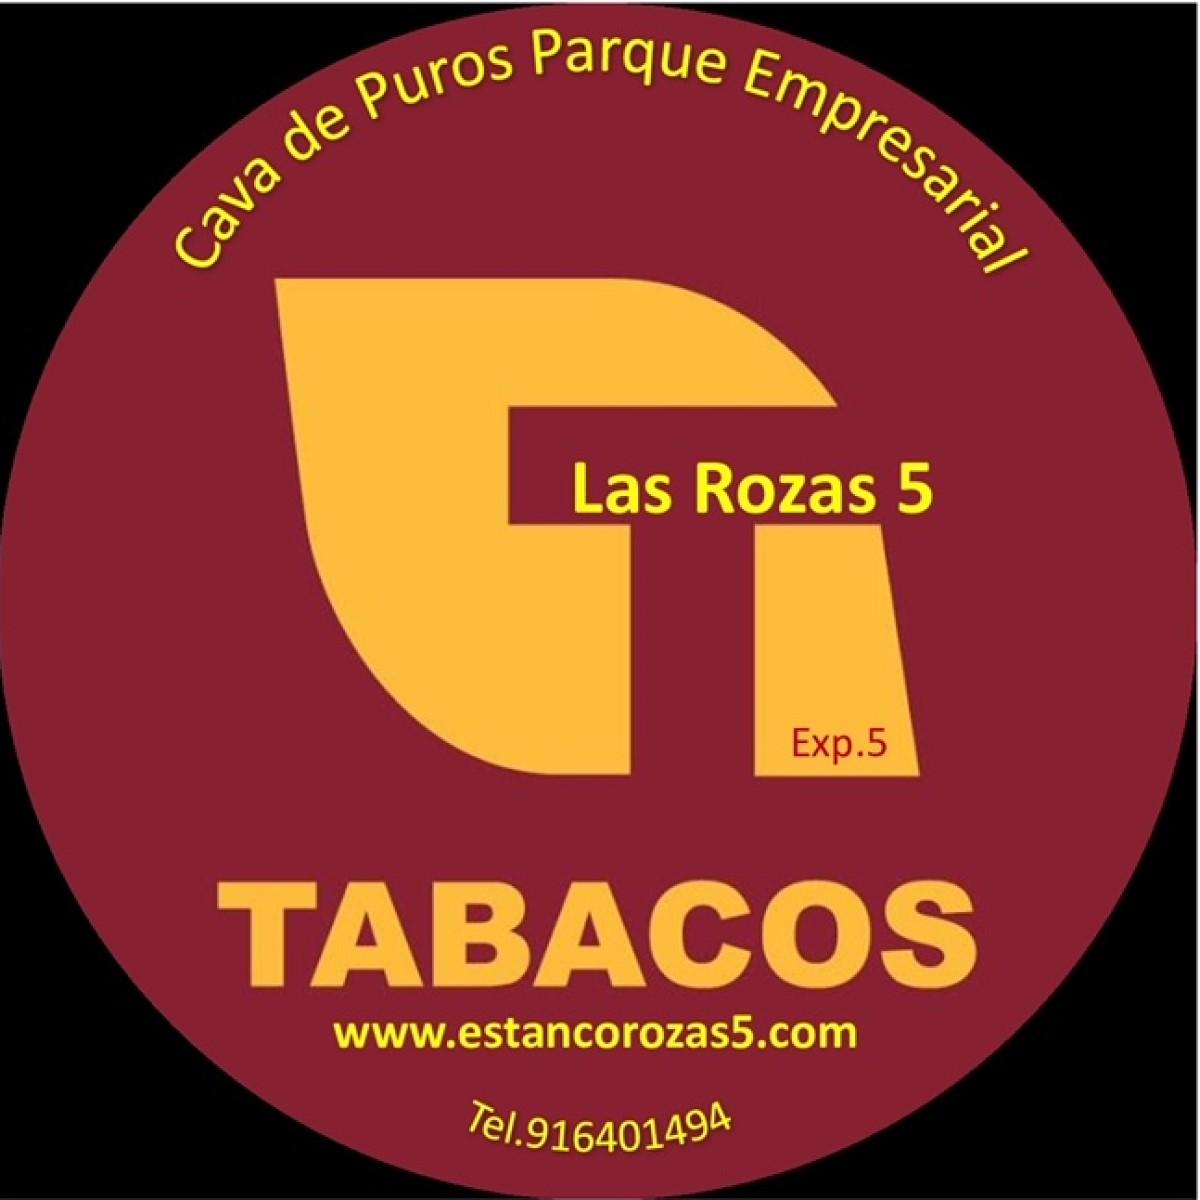 Cava parque empresarial - Las Rozas 5